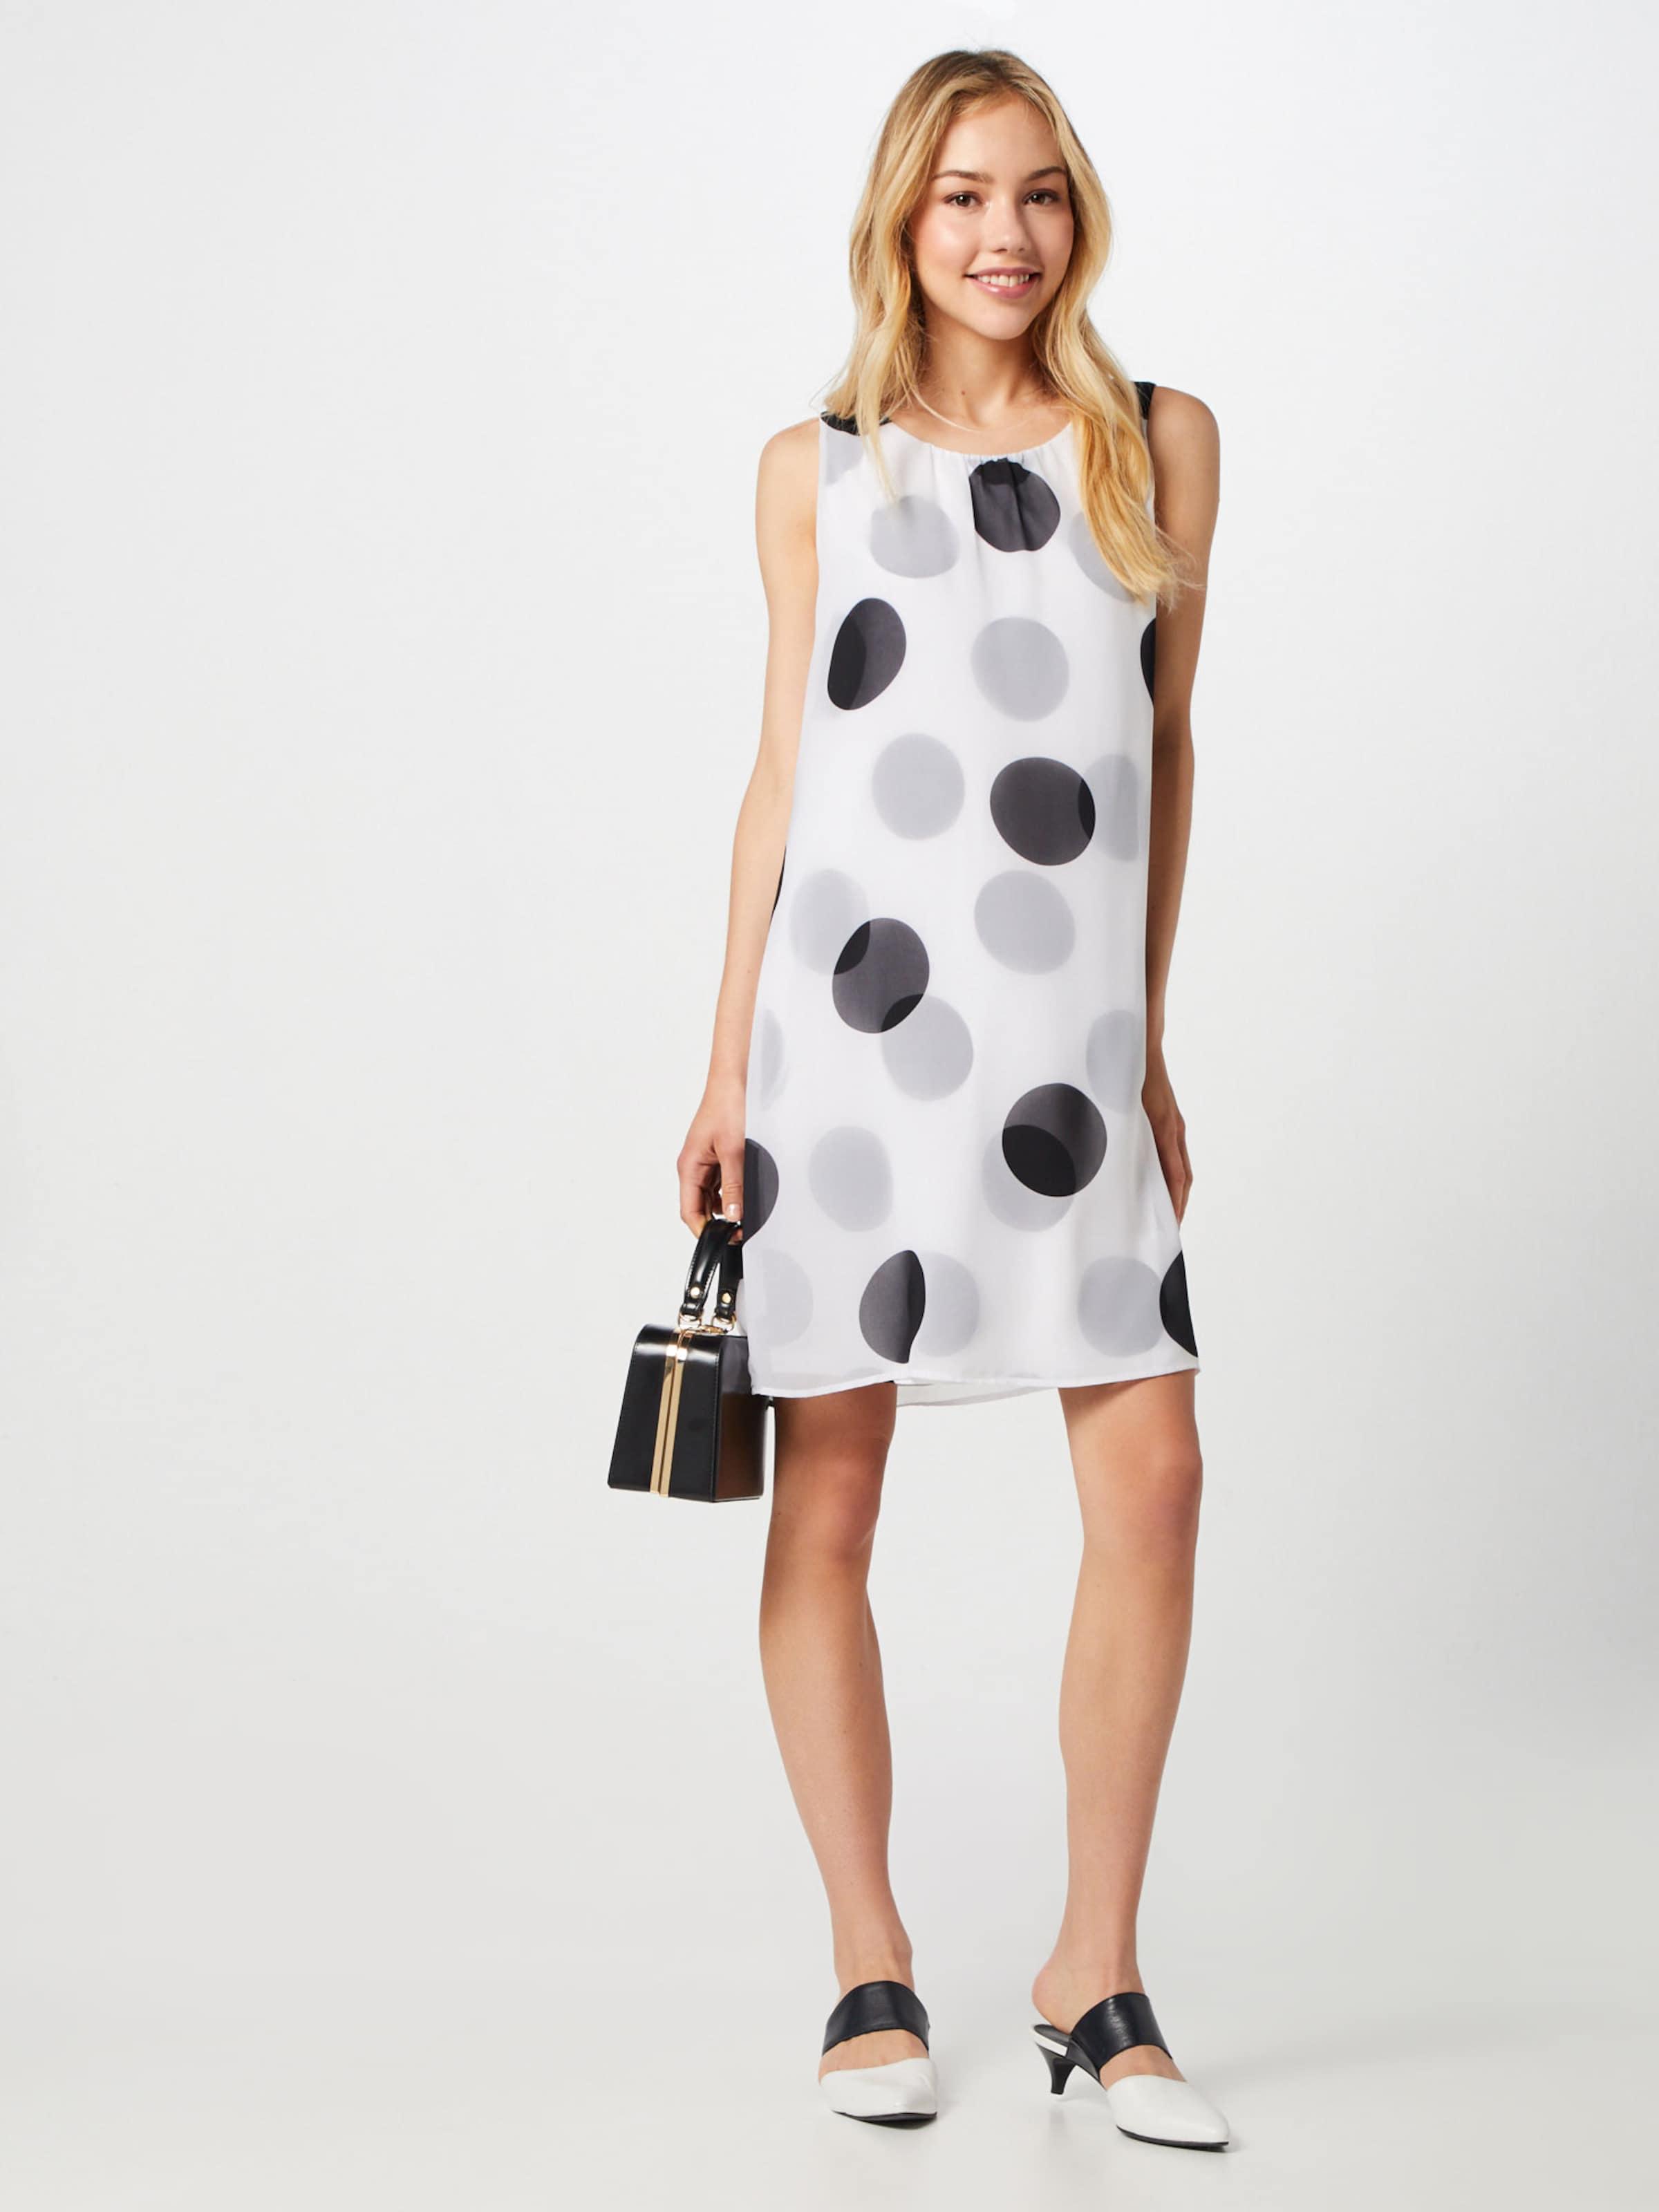 Kleid Comma In HellgrauSchwarz Kleid Weiß Comma CxoedBr